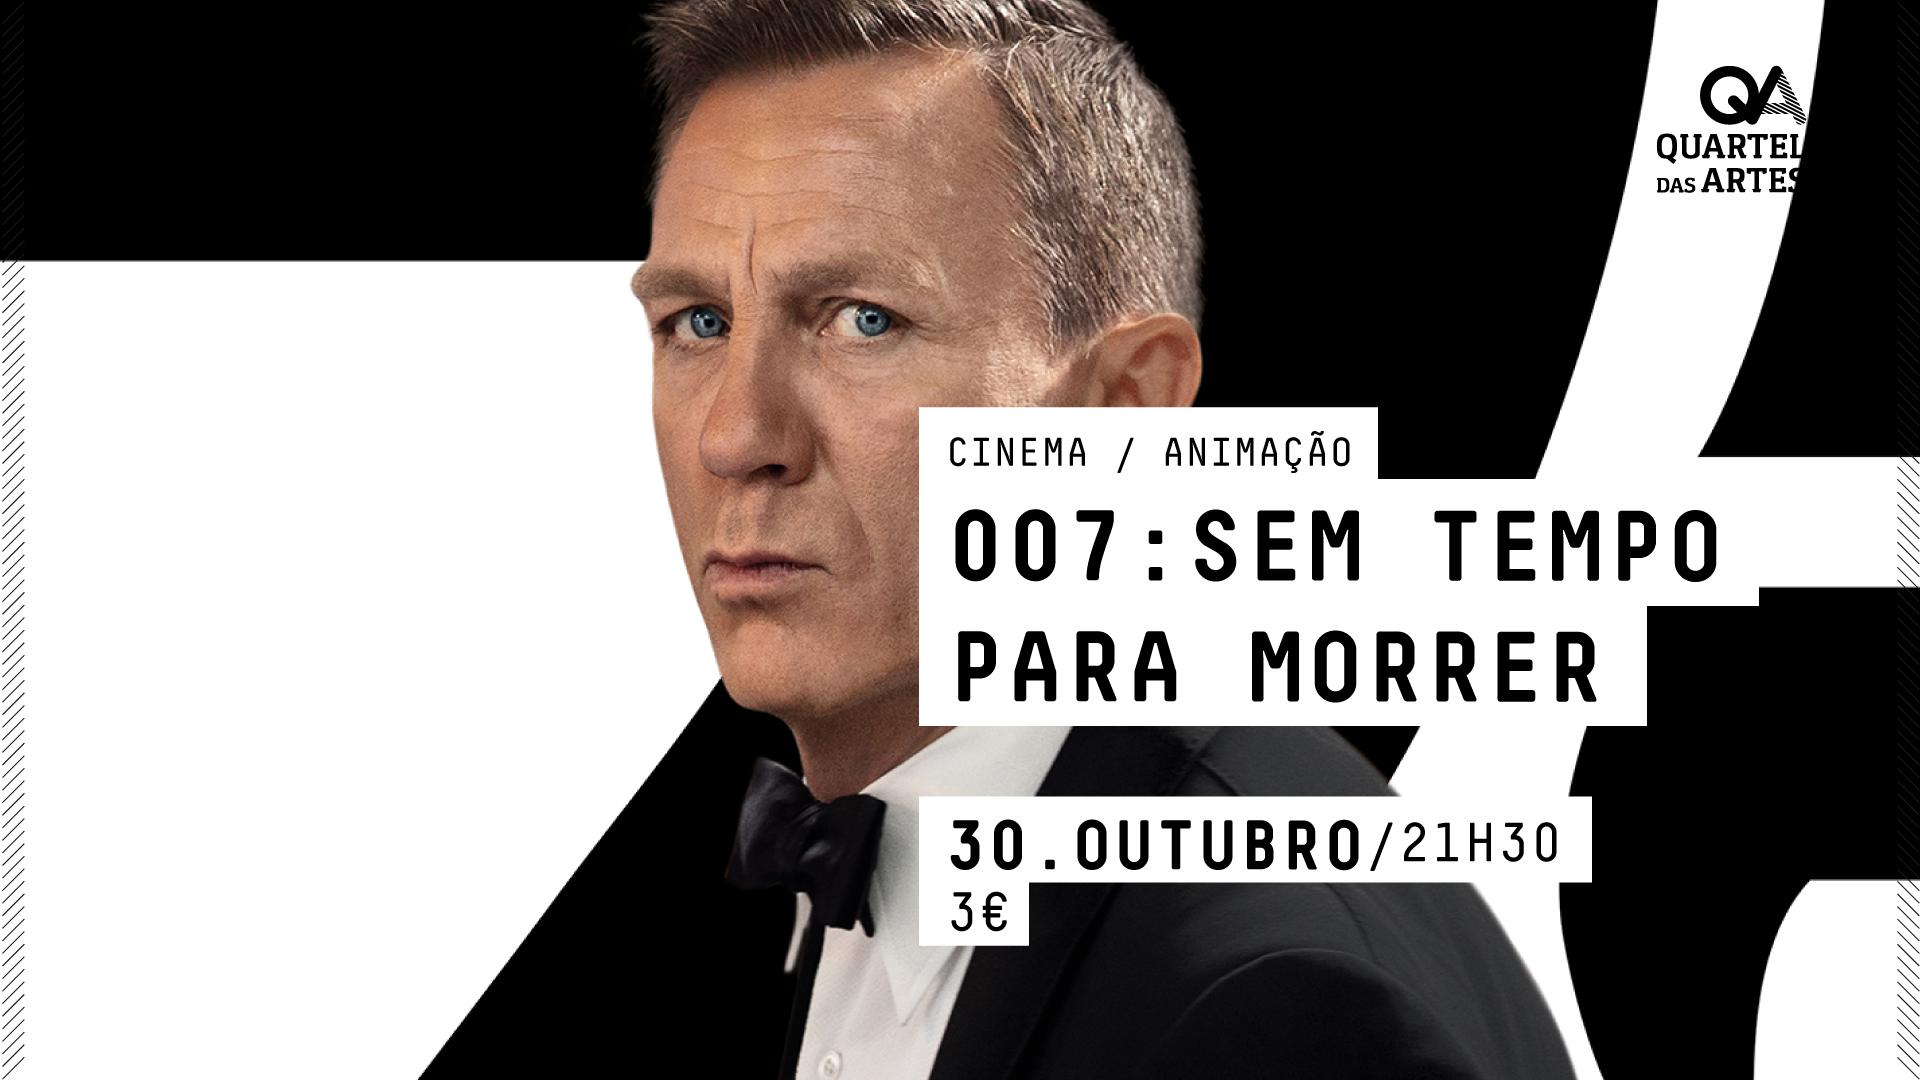 CINEMA - 007: SEM TEMPO PARA MORRER